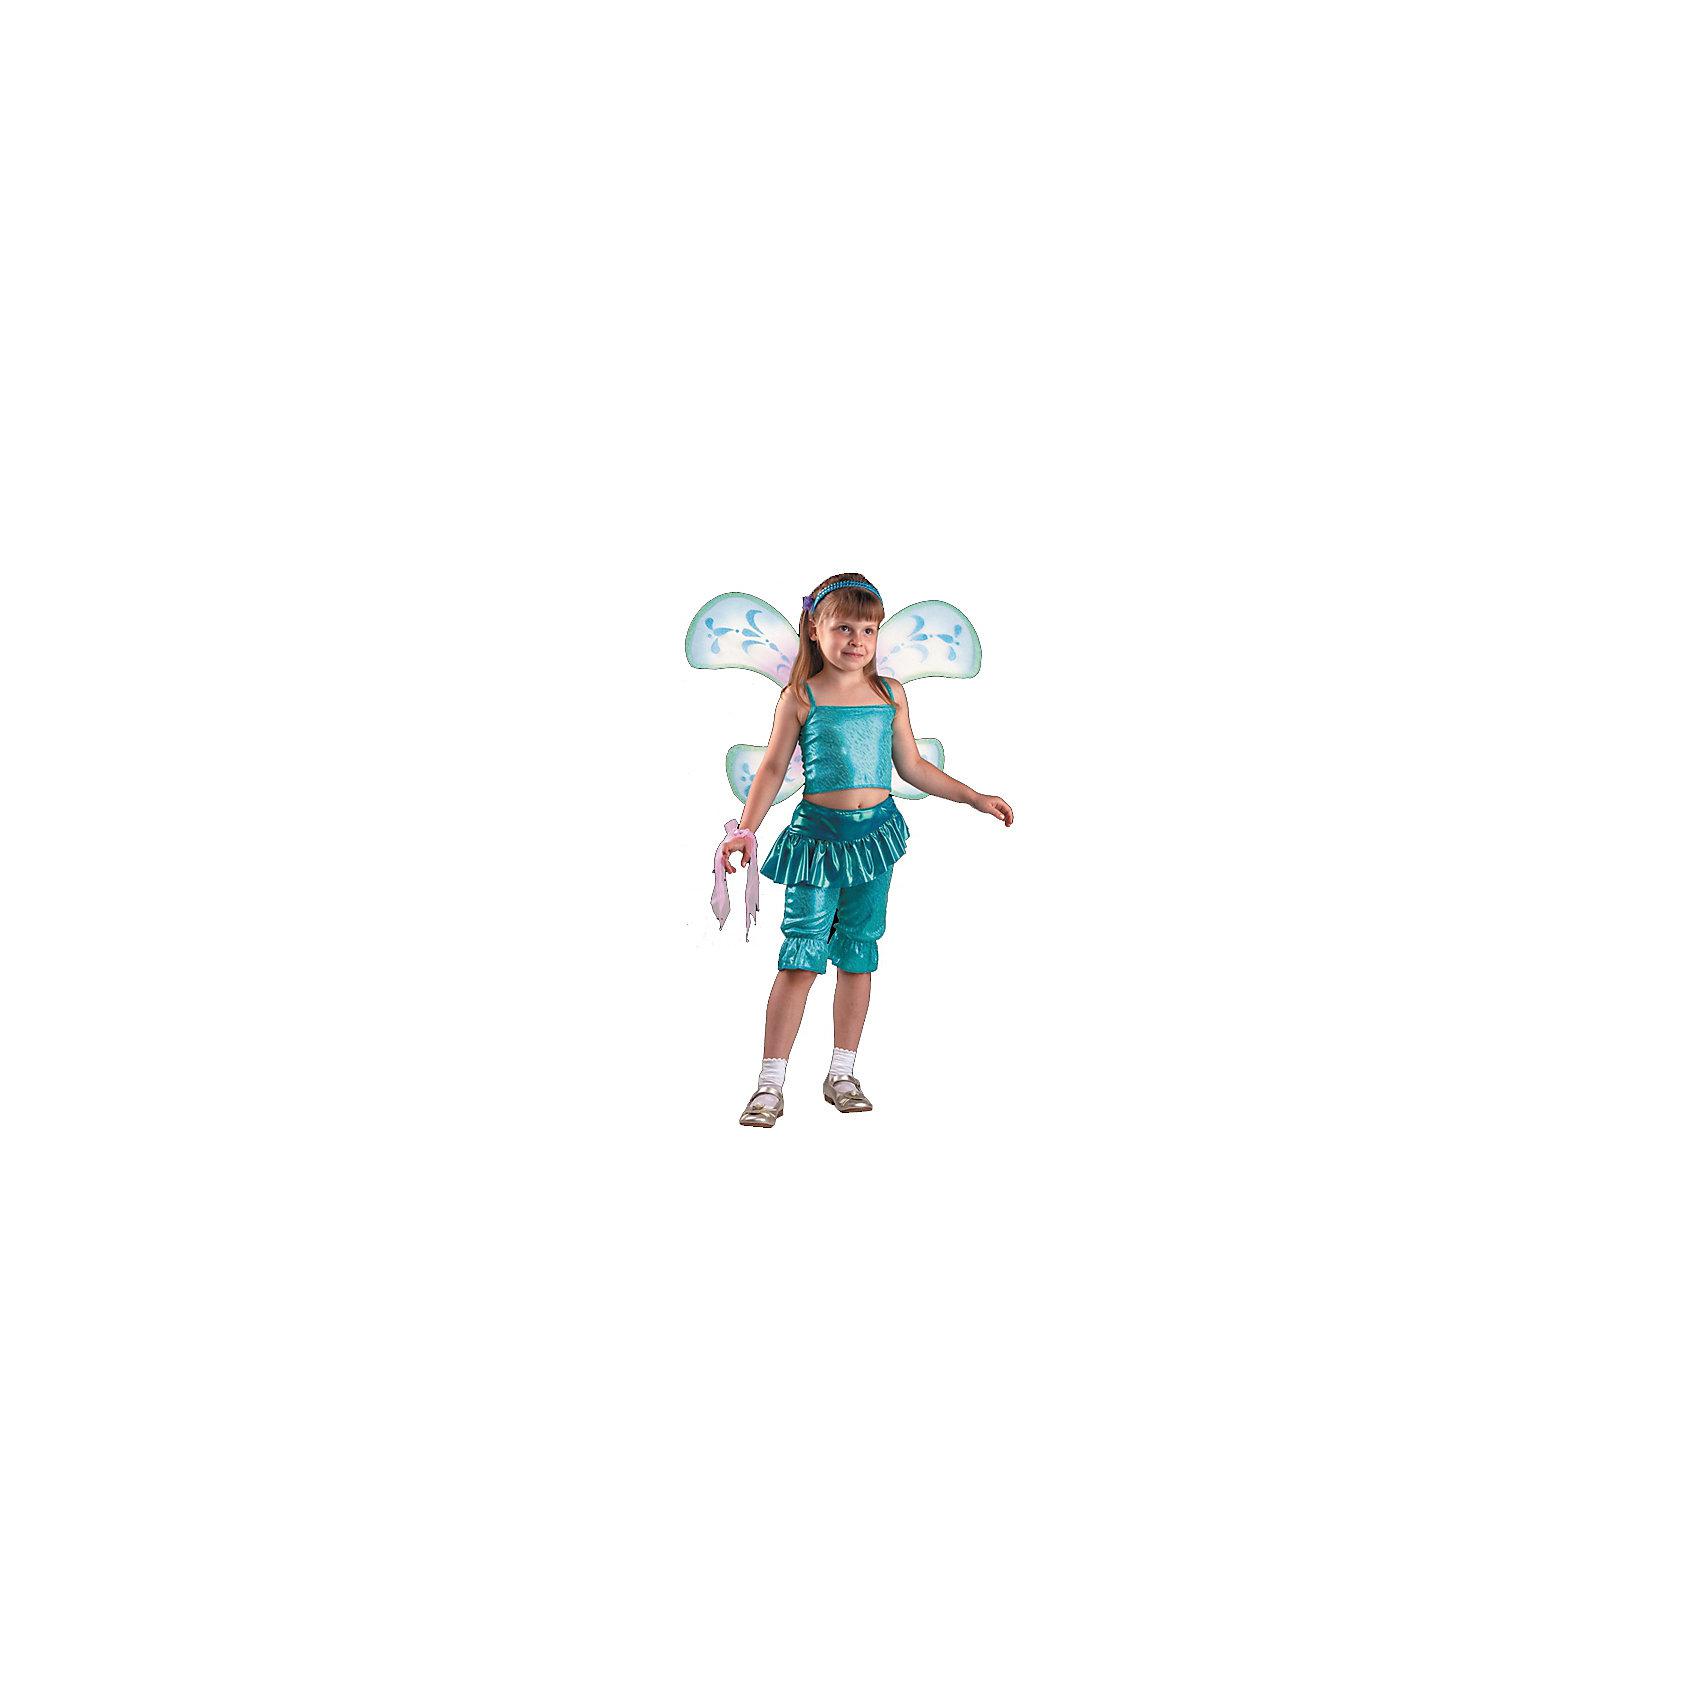 Карнавальный костюм Лейла (Аиша), БатикПопулярные игрушки<br>Карнавальный костюм Лейла (Аиша), Батик<br><br>Характеристики:<br><br>• Материал: 100% полиэстер.<br>• Цвет: разноцветный.<br><br>В комплекте:<br><br>• бриджи;<br>• топ;<br>• крылья;<br>• парик;<br>• перчатка-1шт.;<br>• гольфы;<br>• обруч бирюза;<br>• бант на руку.<br><br>Ваша девочка поклонница историй о феях-волшебницах Винкс? Тогда этот костюм для неё!  Костюм Лейлы (Аишы) - одной из главных героинь сказочной истории - воссоздаёт образ персонажа в мельчайших деталях. Темноволосый парик, легкие крылышки – все это поможет вашей девочке перевоплотиться в фею Лейлу (Аишу). В таком карнавальном костюме, «Лейла»,  ваша девочка получит максимальное удовольствие от праздника и подарит радость окружающим!<br><br>Карнавальный костюм Лейла (Аиша), Батик можно купить в нашем интернет – магазине.<br><br>Ширина мм: 500<br>Глубина мм: 50<br>Высота мм: 700<br>Вес г: 600<br>Цвет: разноцветный<br>Возраст от месяцев: 60<br>Возраст до месяцев: 72<br>Пол: Женский<br>Возраст: Детский<br>Размер: 30,32<br>SKU: 5092539